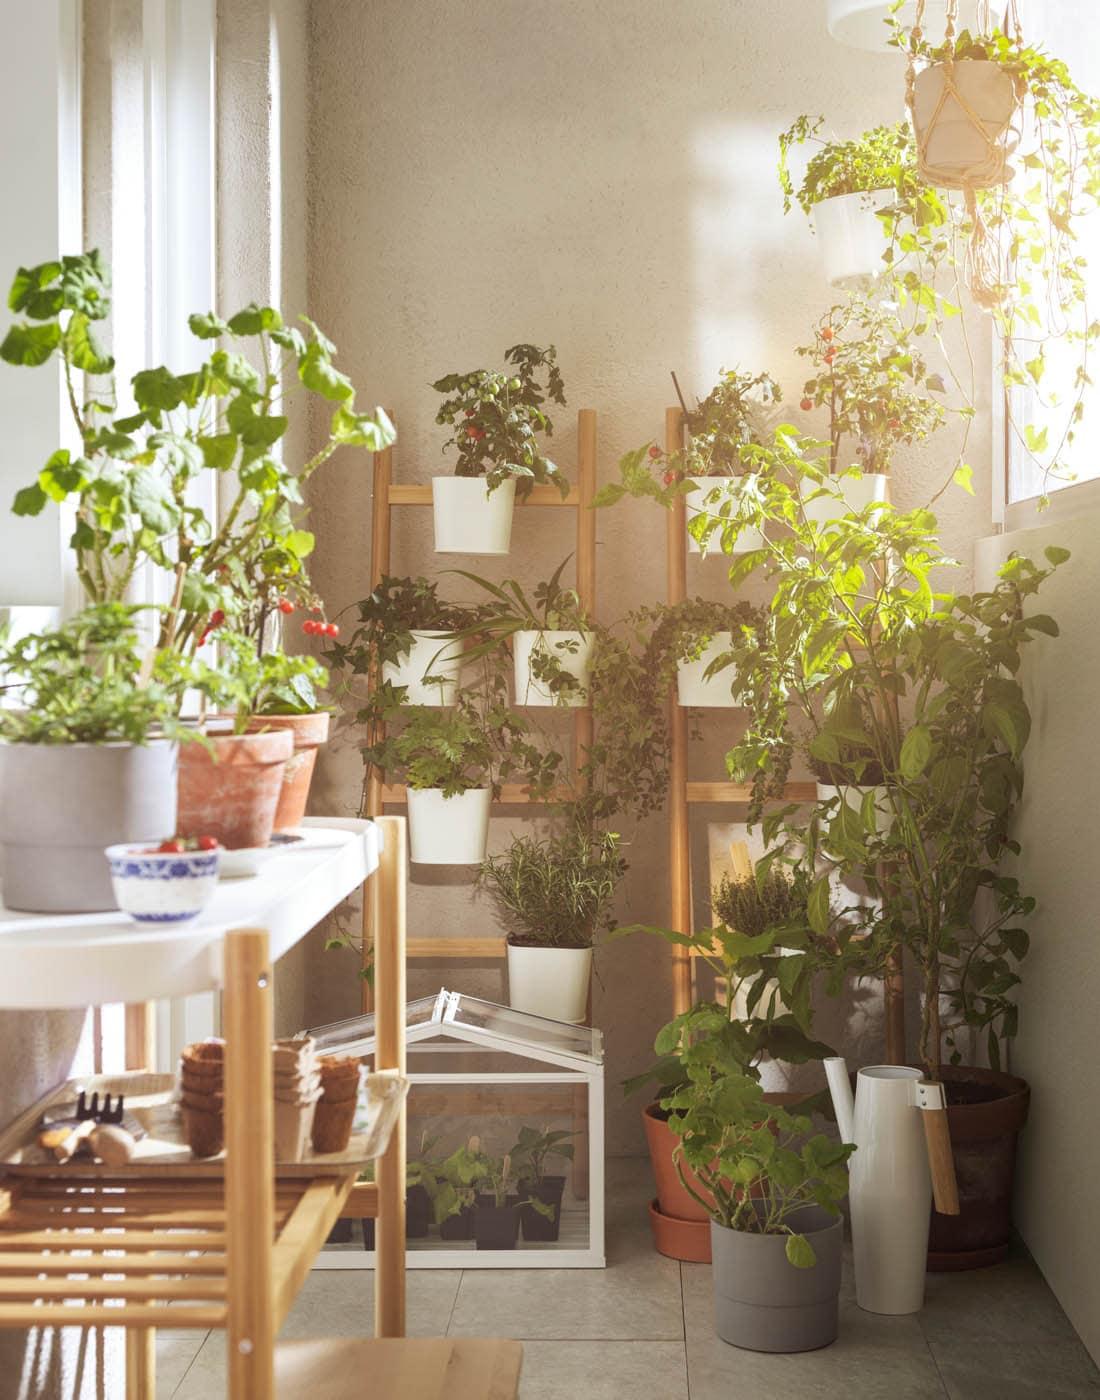 Valkoisen parvekkeen nurkassa on paljon viherkasveja kukkahyllyillä ja kukkapöydillä.